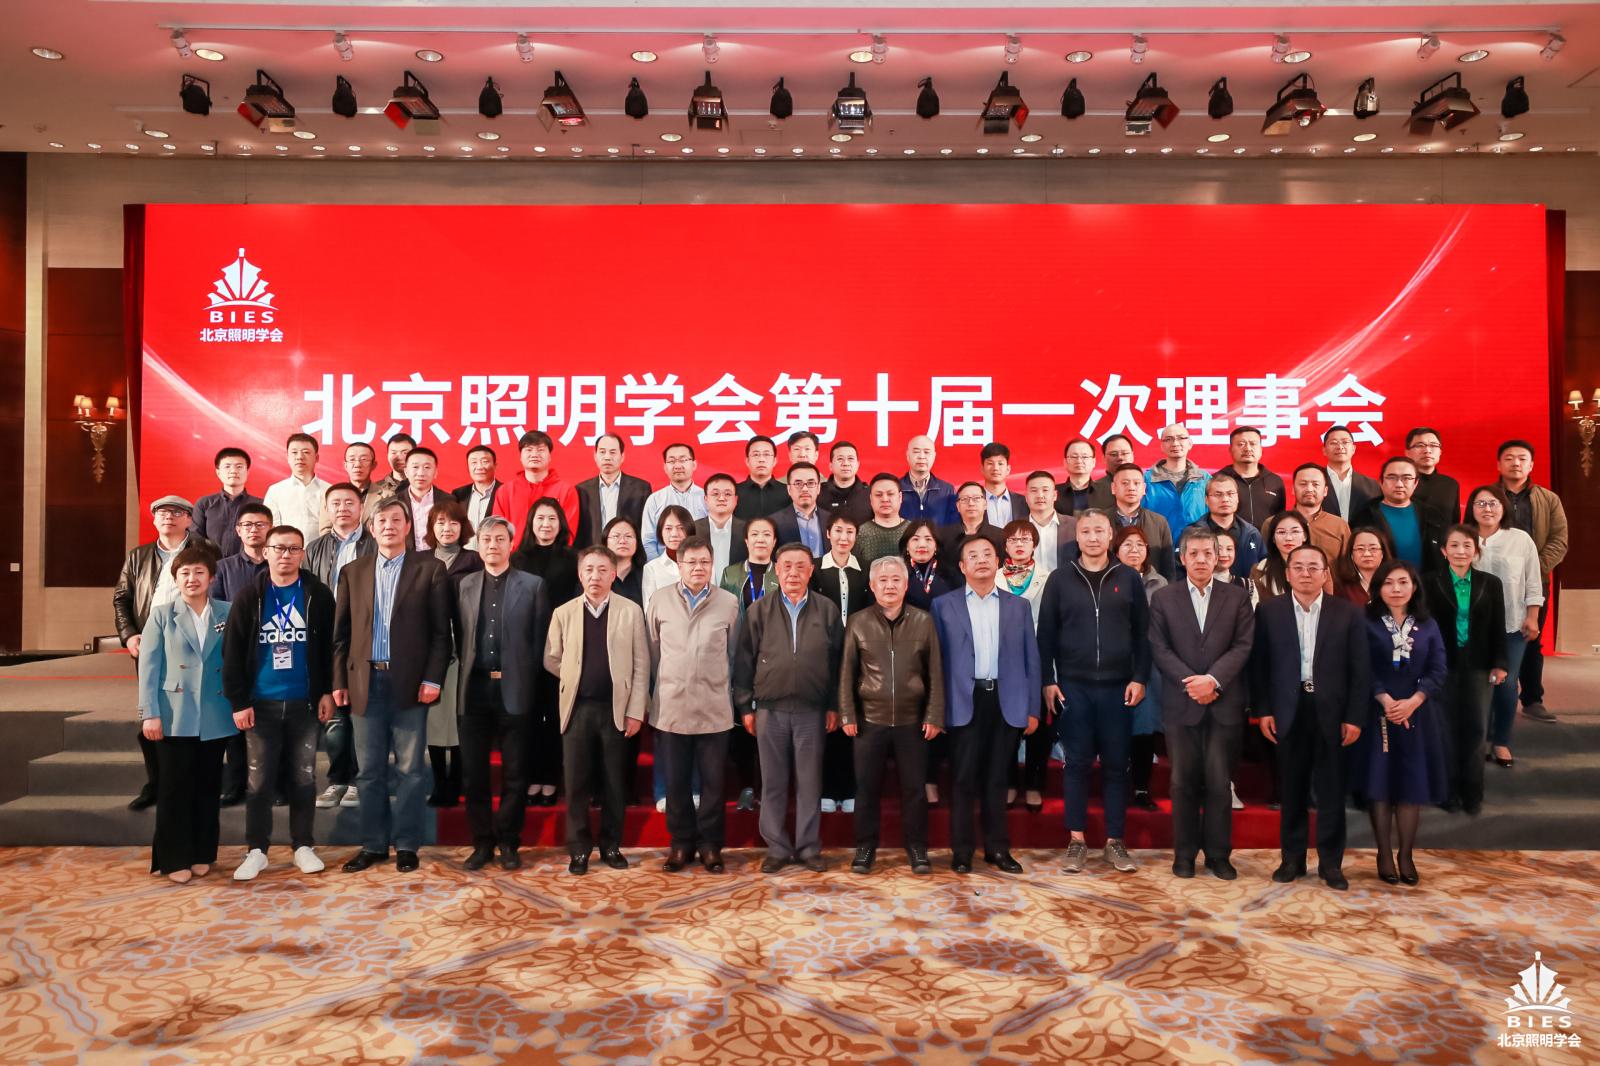 信达科技董事长王春龙受邀出席北京照明学会第十次全体会员代表大会暨十届一次理事会